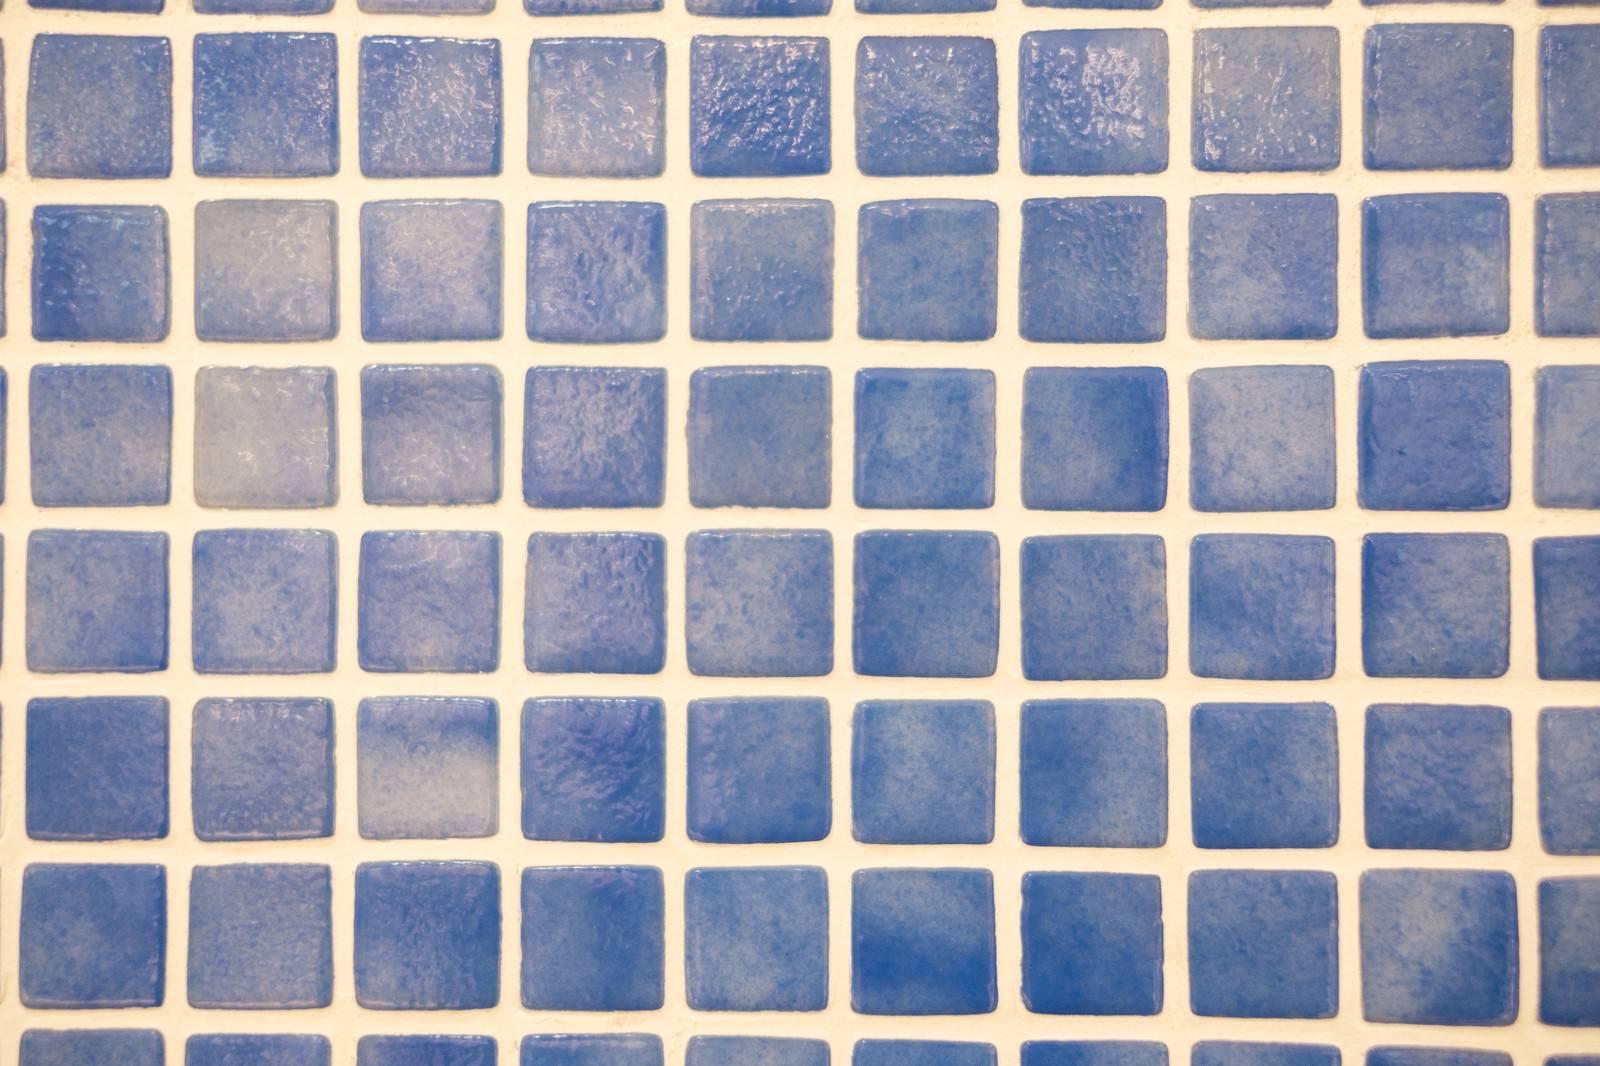 「お風呂場のタイル(テクスチャー)」の写真